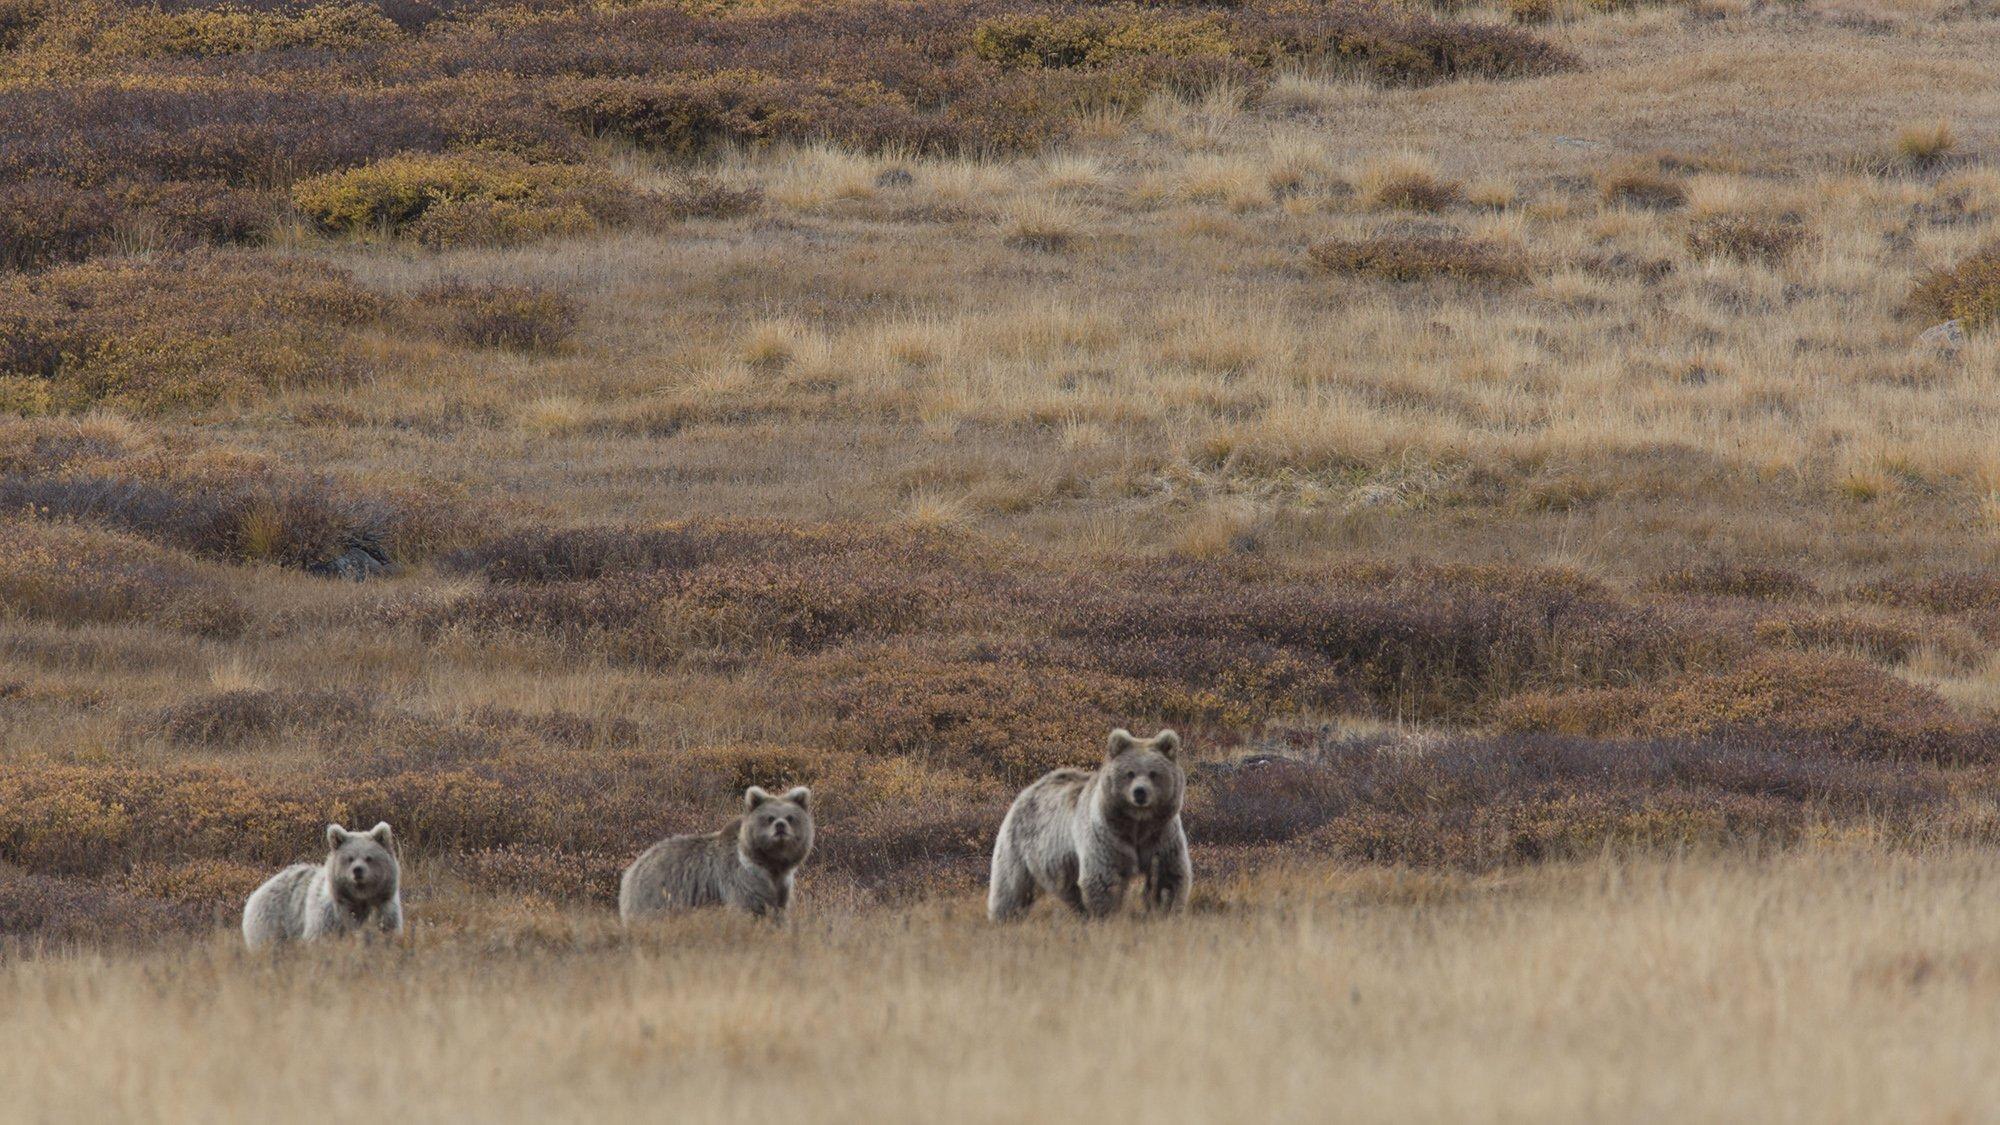 The Himalayan brown bear